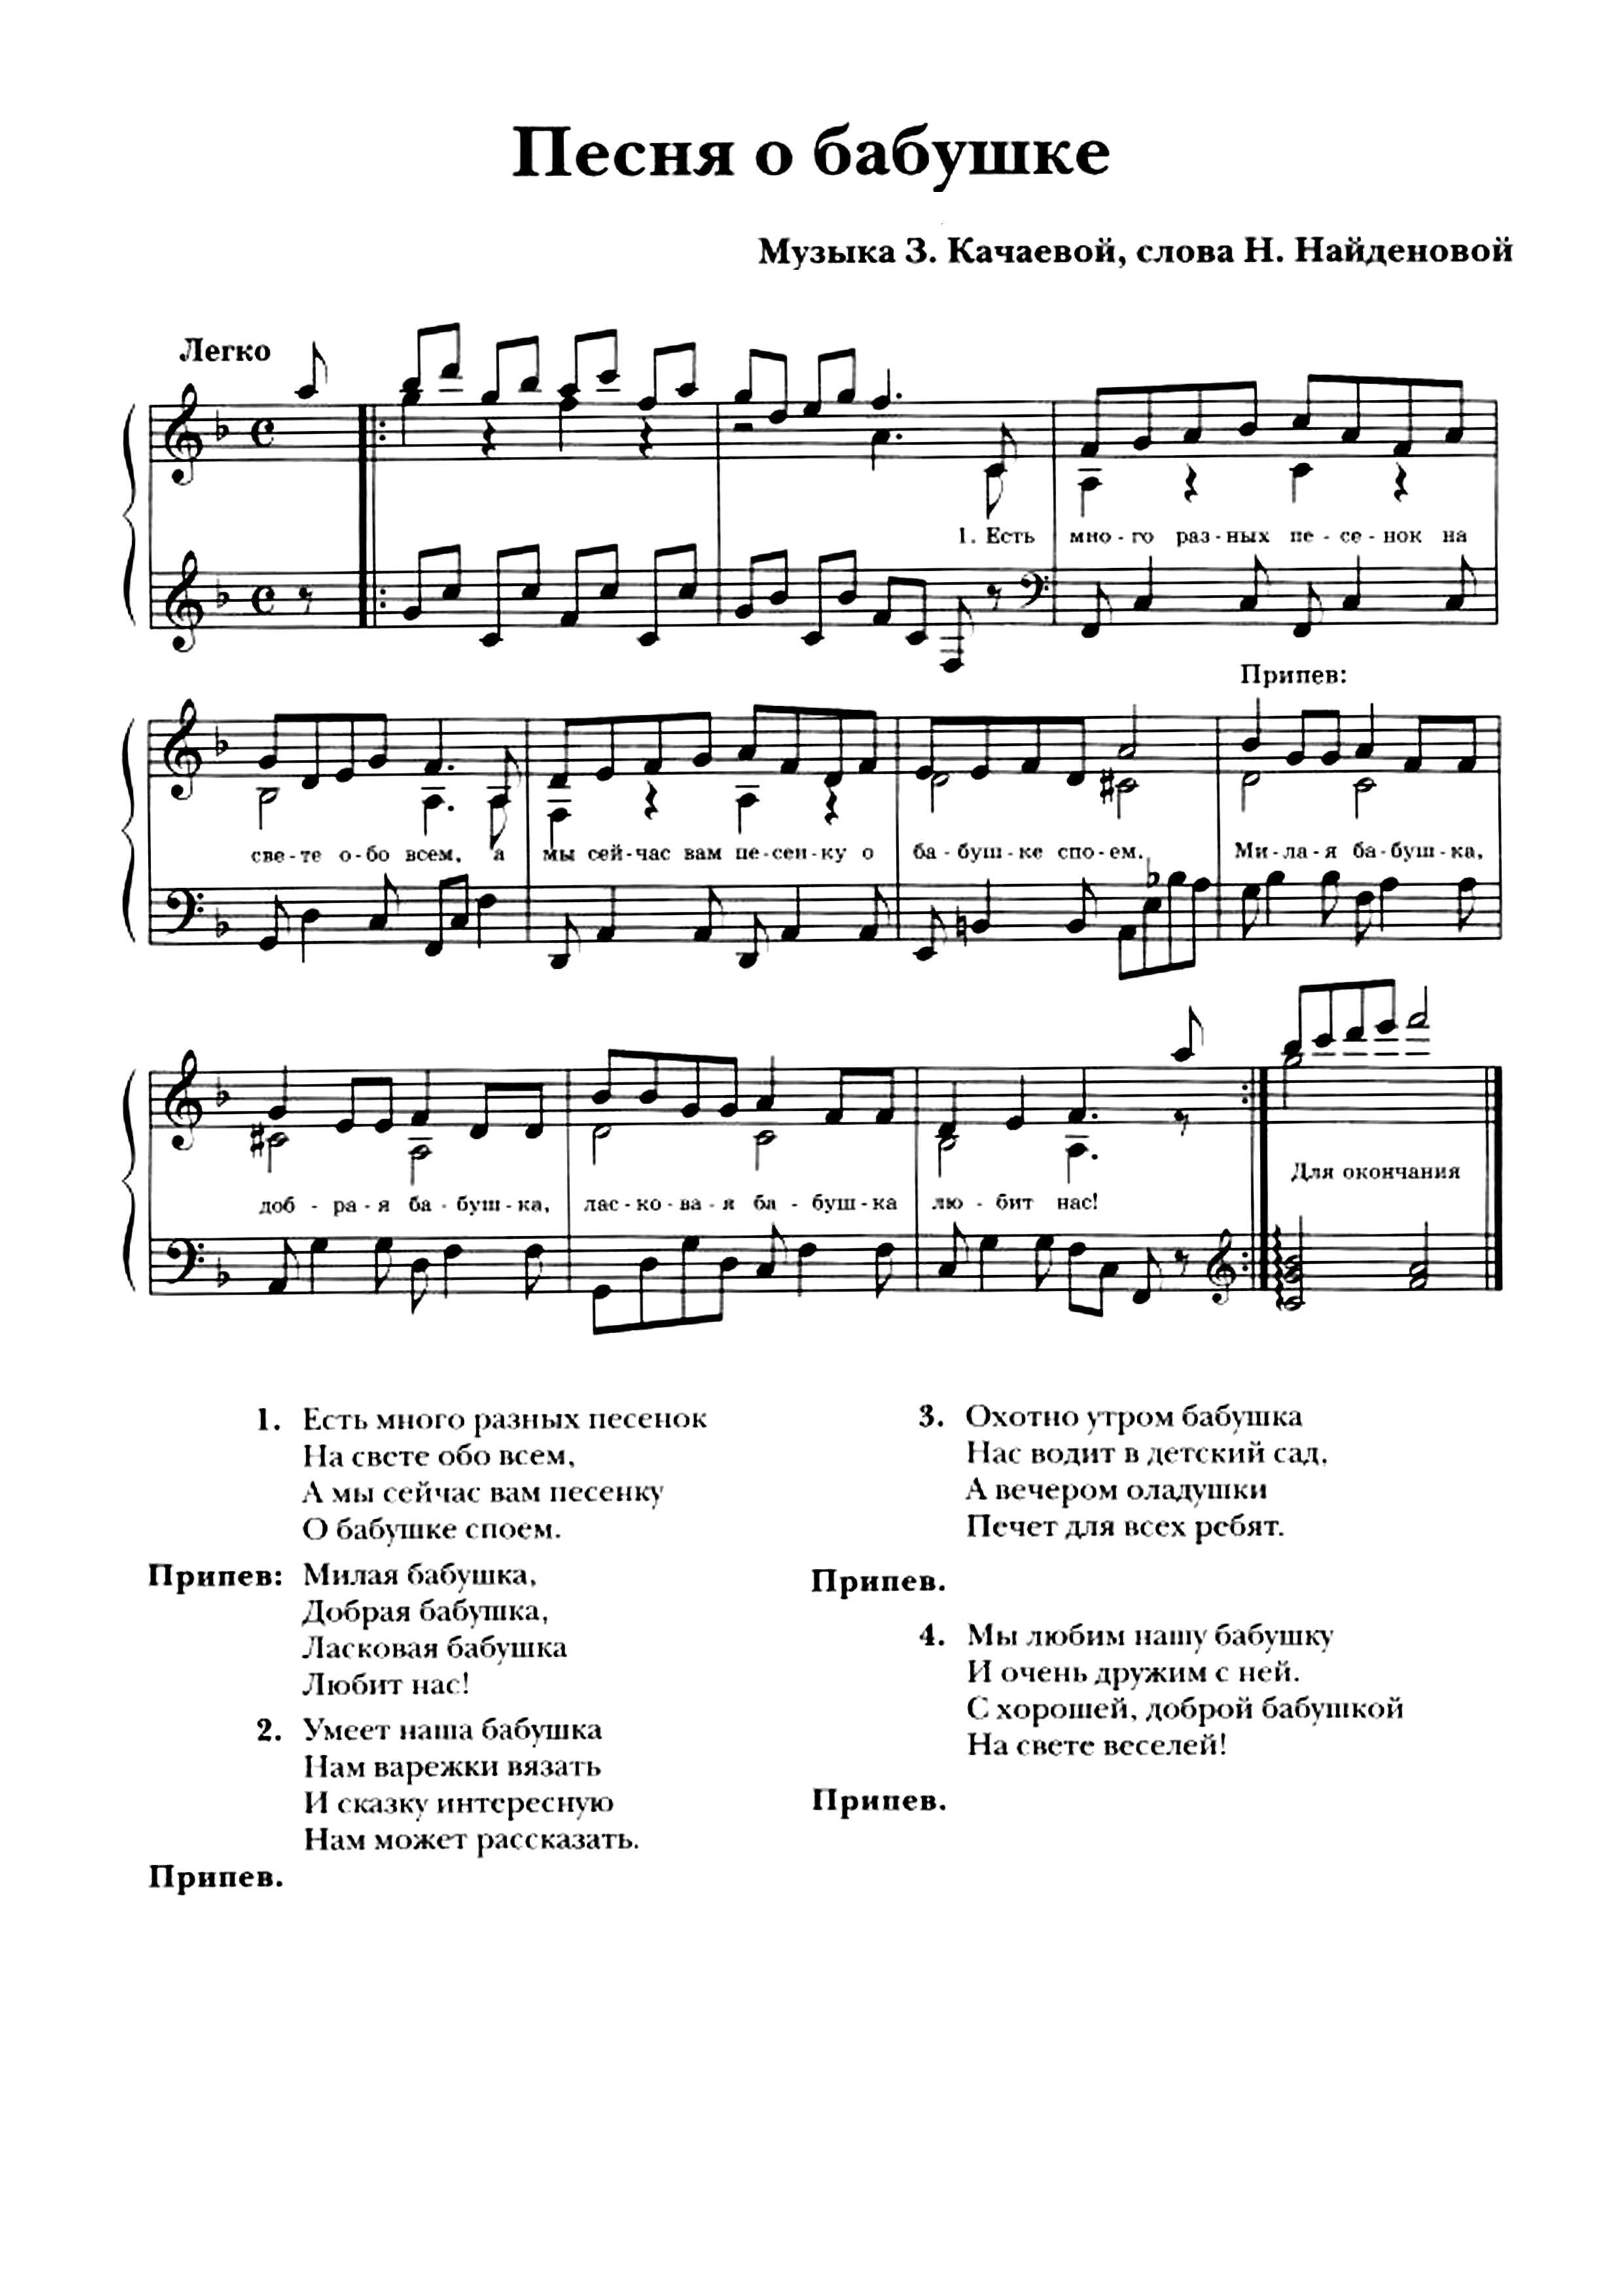 ПЕСНЯ БАБУШКИ СТАРУШКИ МИНУСОВКА СКАЧАТЬ БЕСПЛАТНО